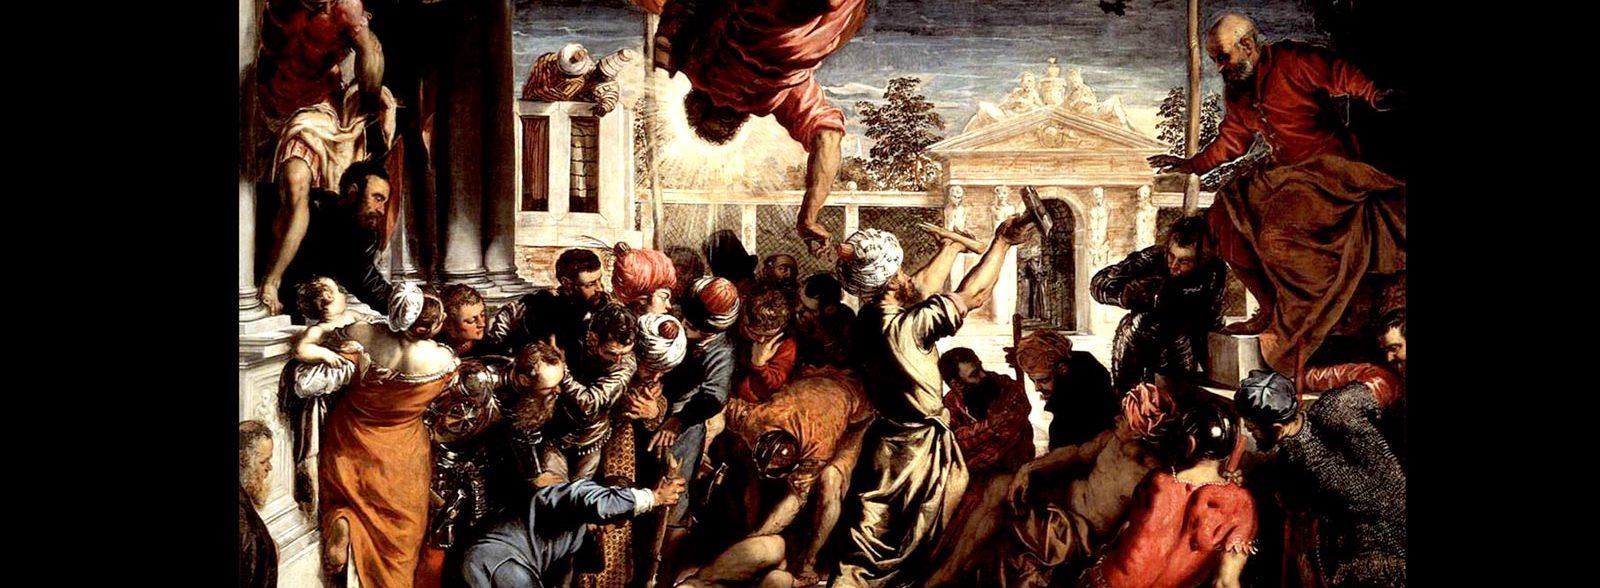 Gallerie dell'Accademia di Venezia: le più famose opere d'arte da vedere